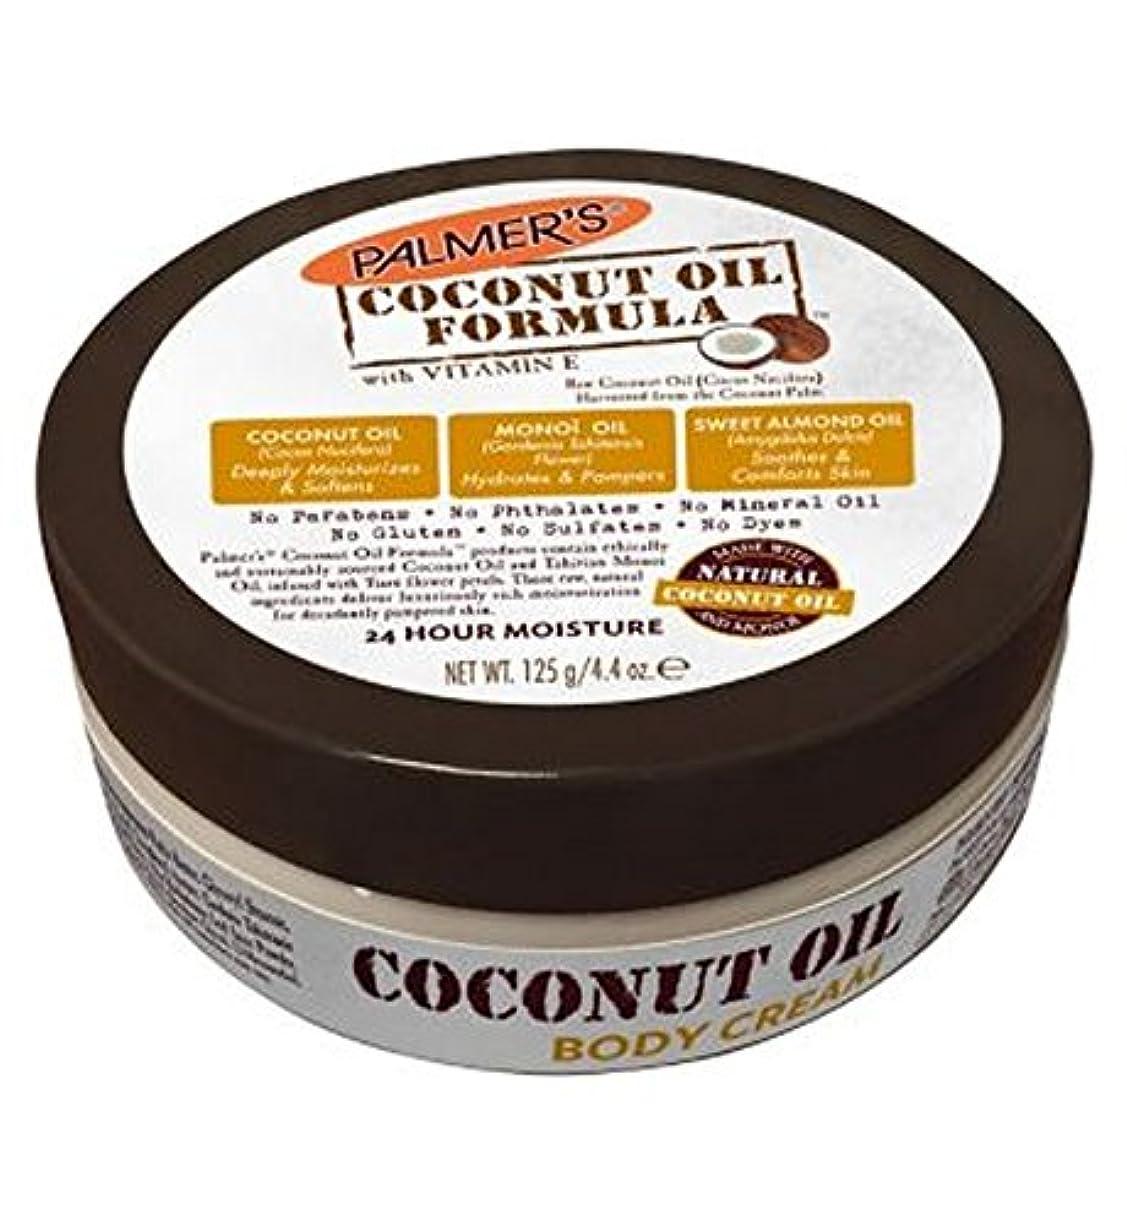 サイト強調する人生を作るPalmer's Coconut Oil Formula Body Cream 125g - パーマーのヤシ油式ボディクリーム125グラム (Palmer's) [並行輸入品]